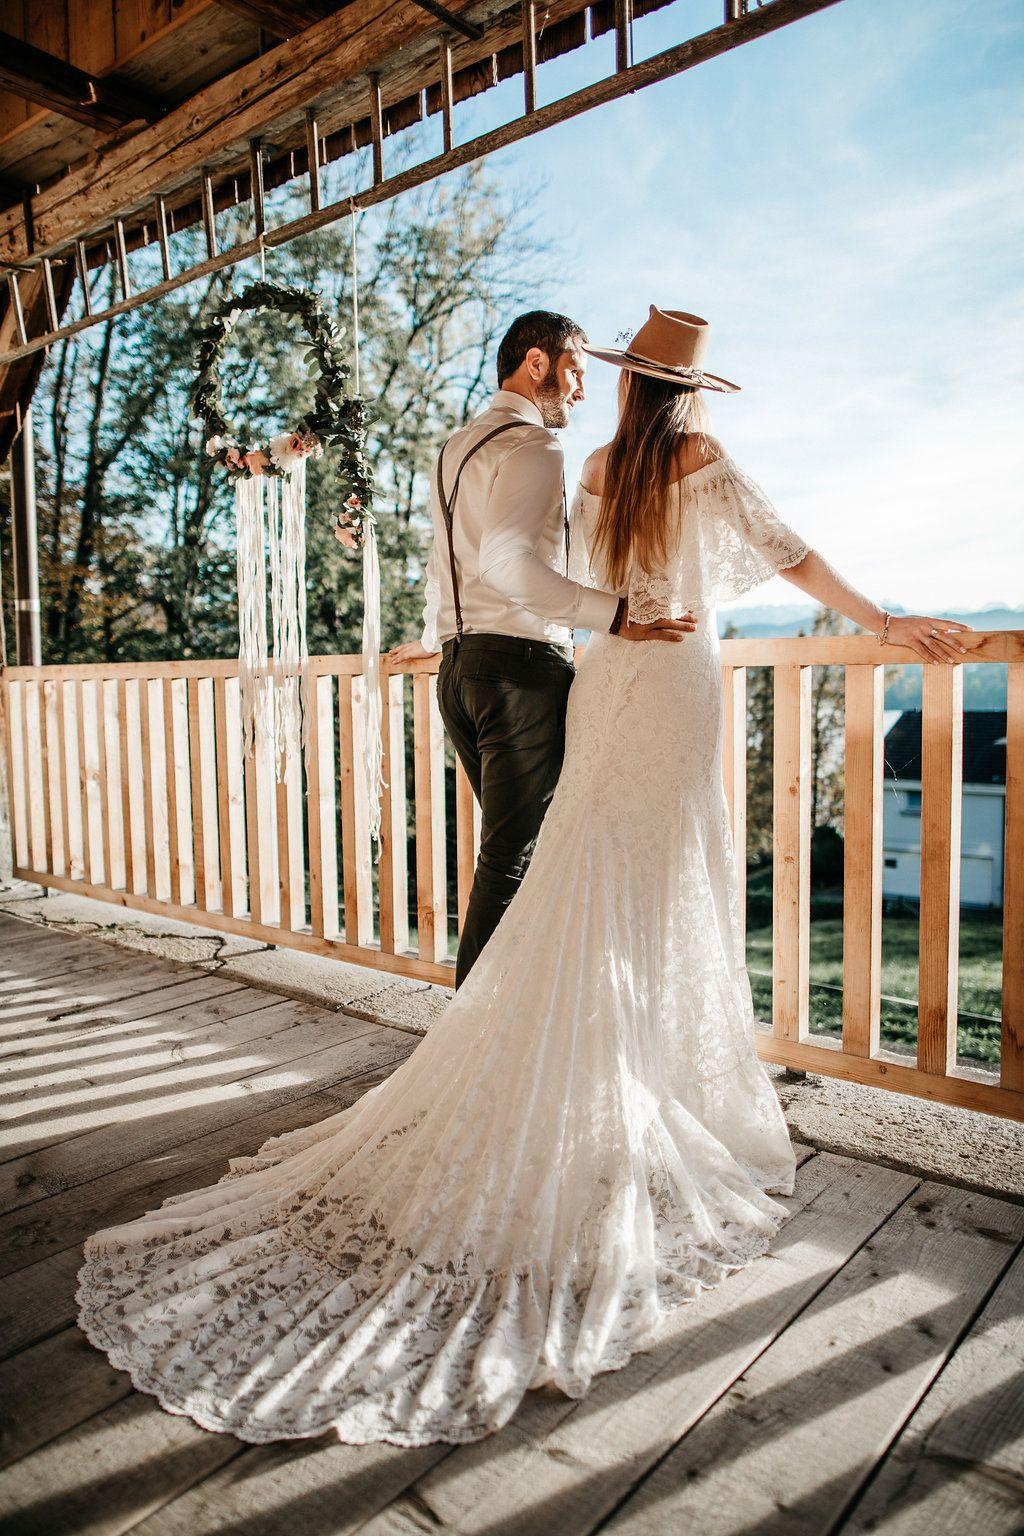 Rustikale Inspirationen für die Boho Hochzeit | Pinterest | boho ...